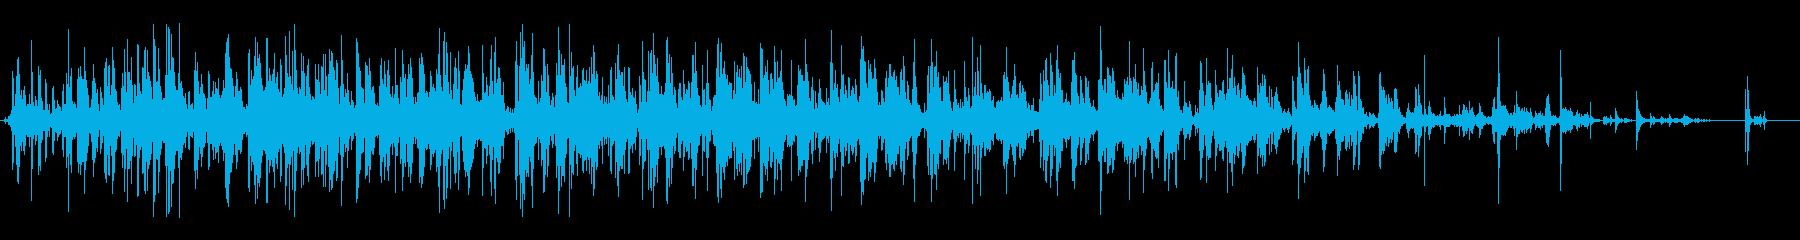 長いタンブリングジャンククラッシュの再生済みの波形